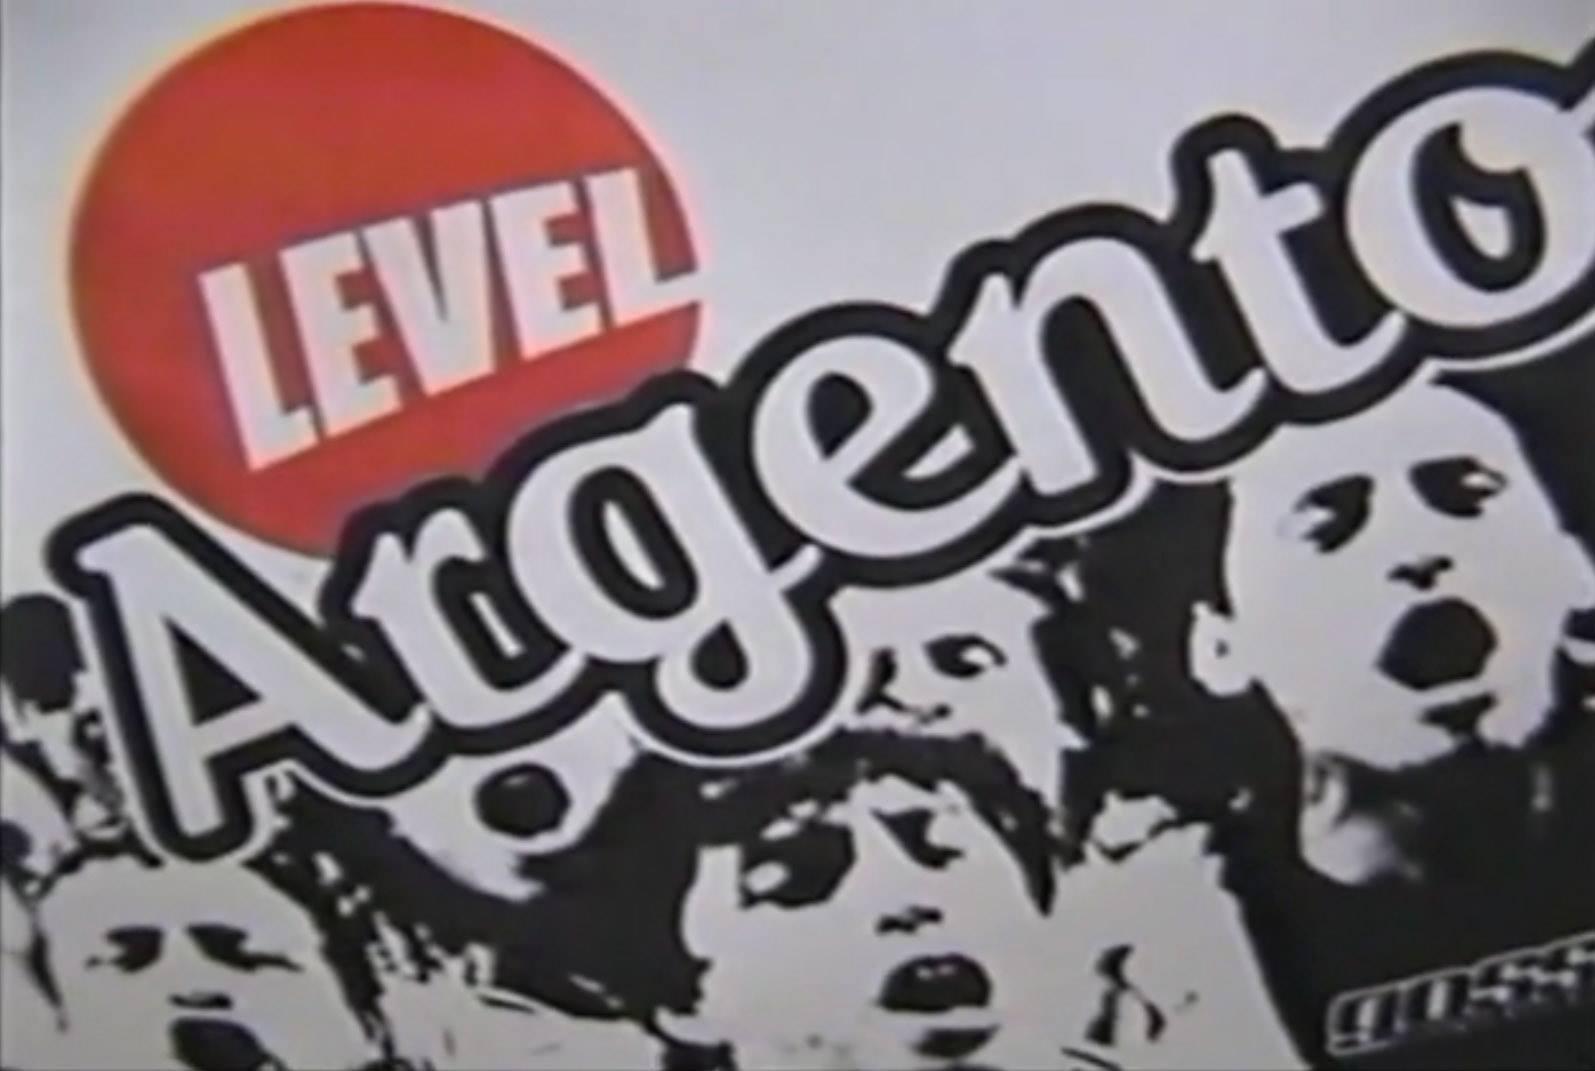 level argento